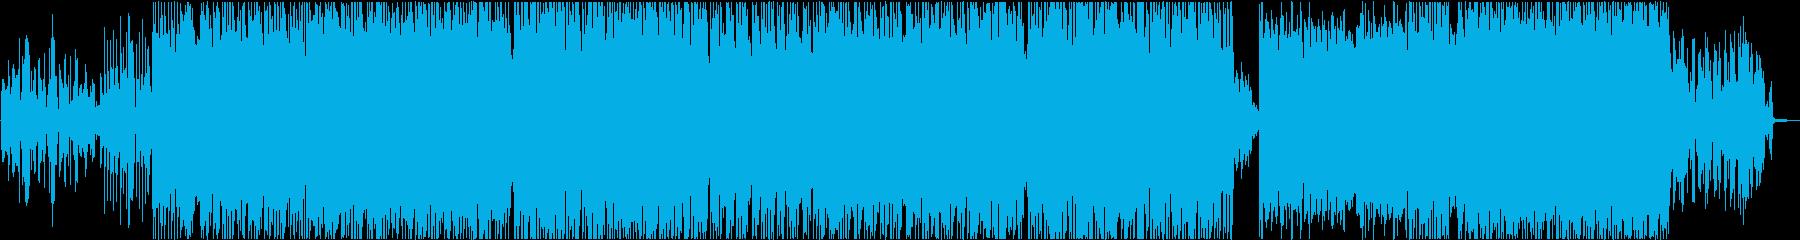 切ないシンセのリフが印象的なEDMの再生済みの波形